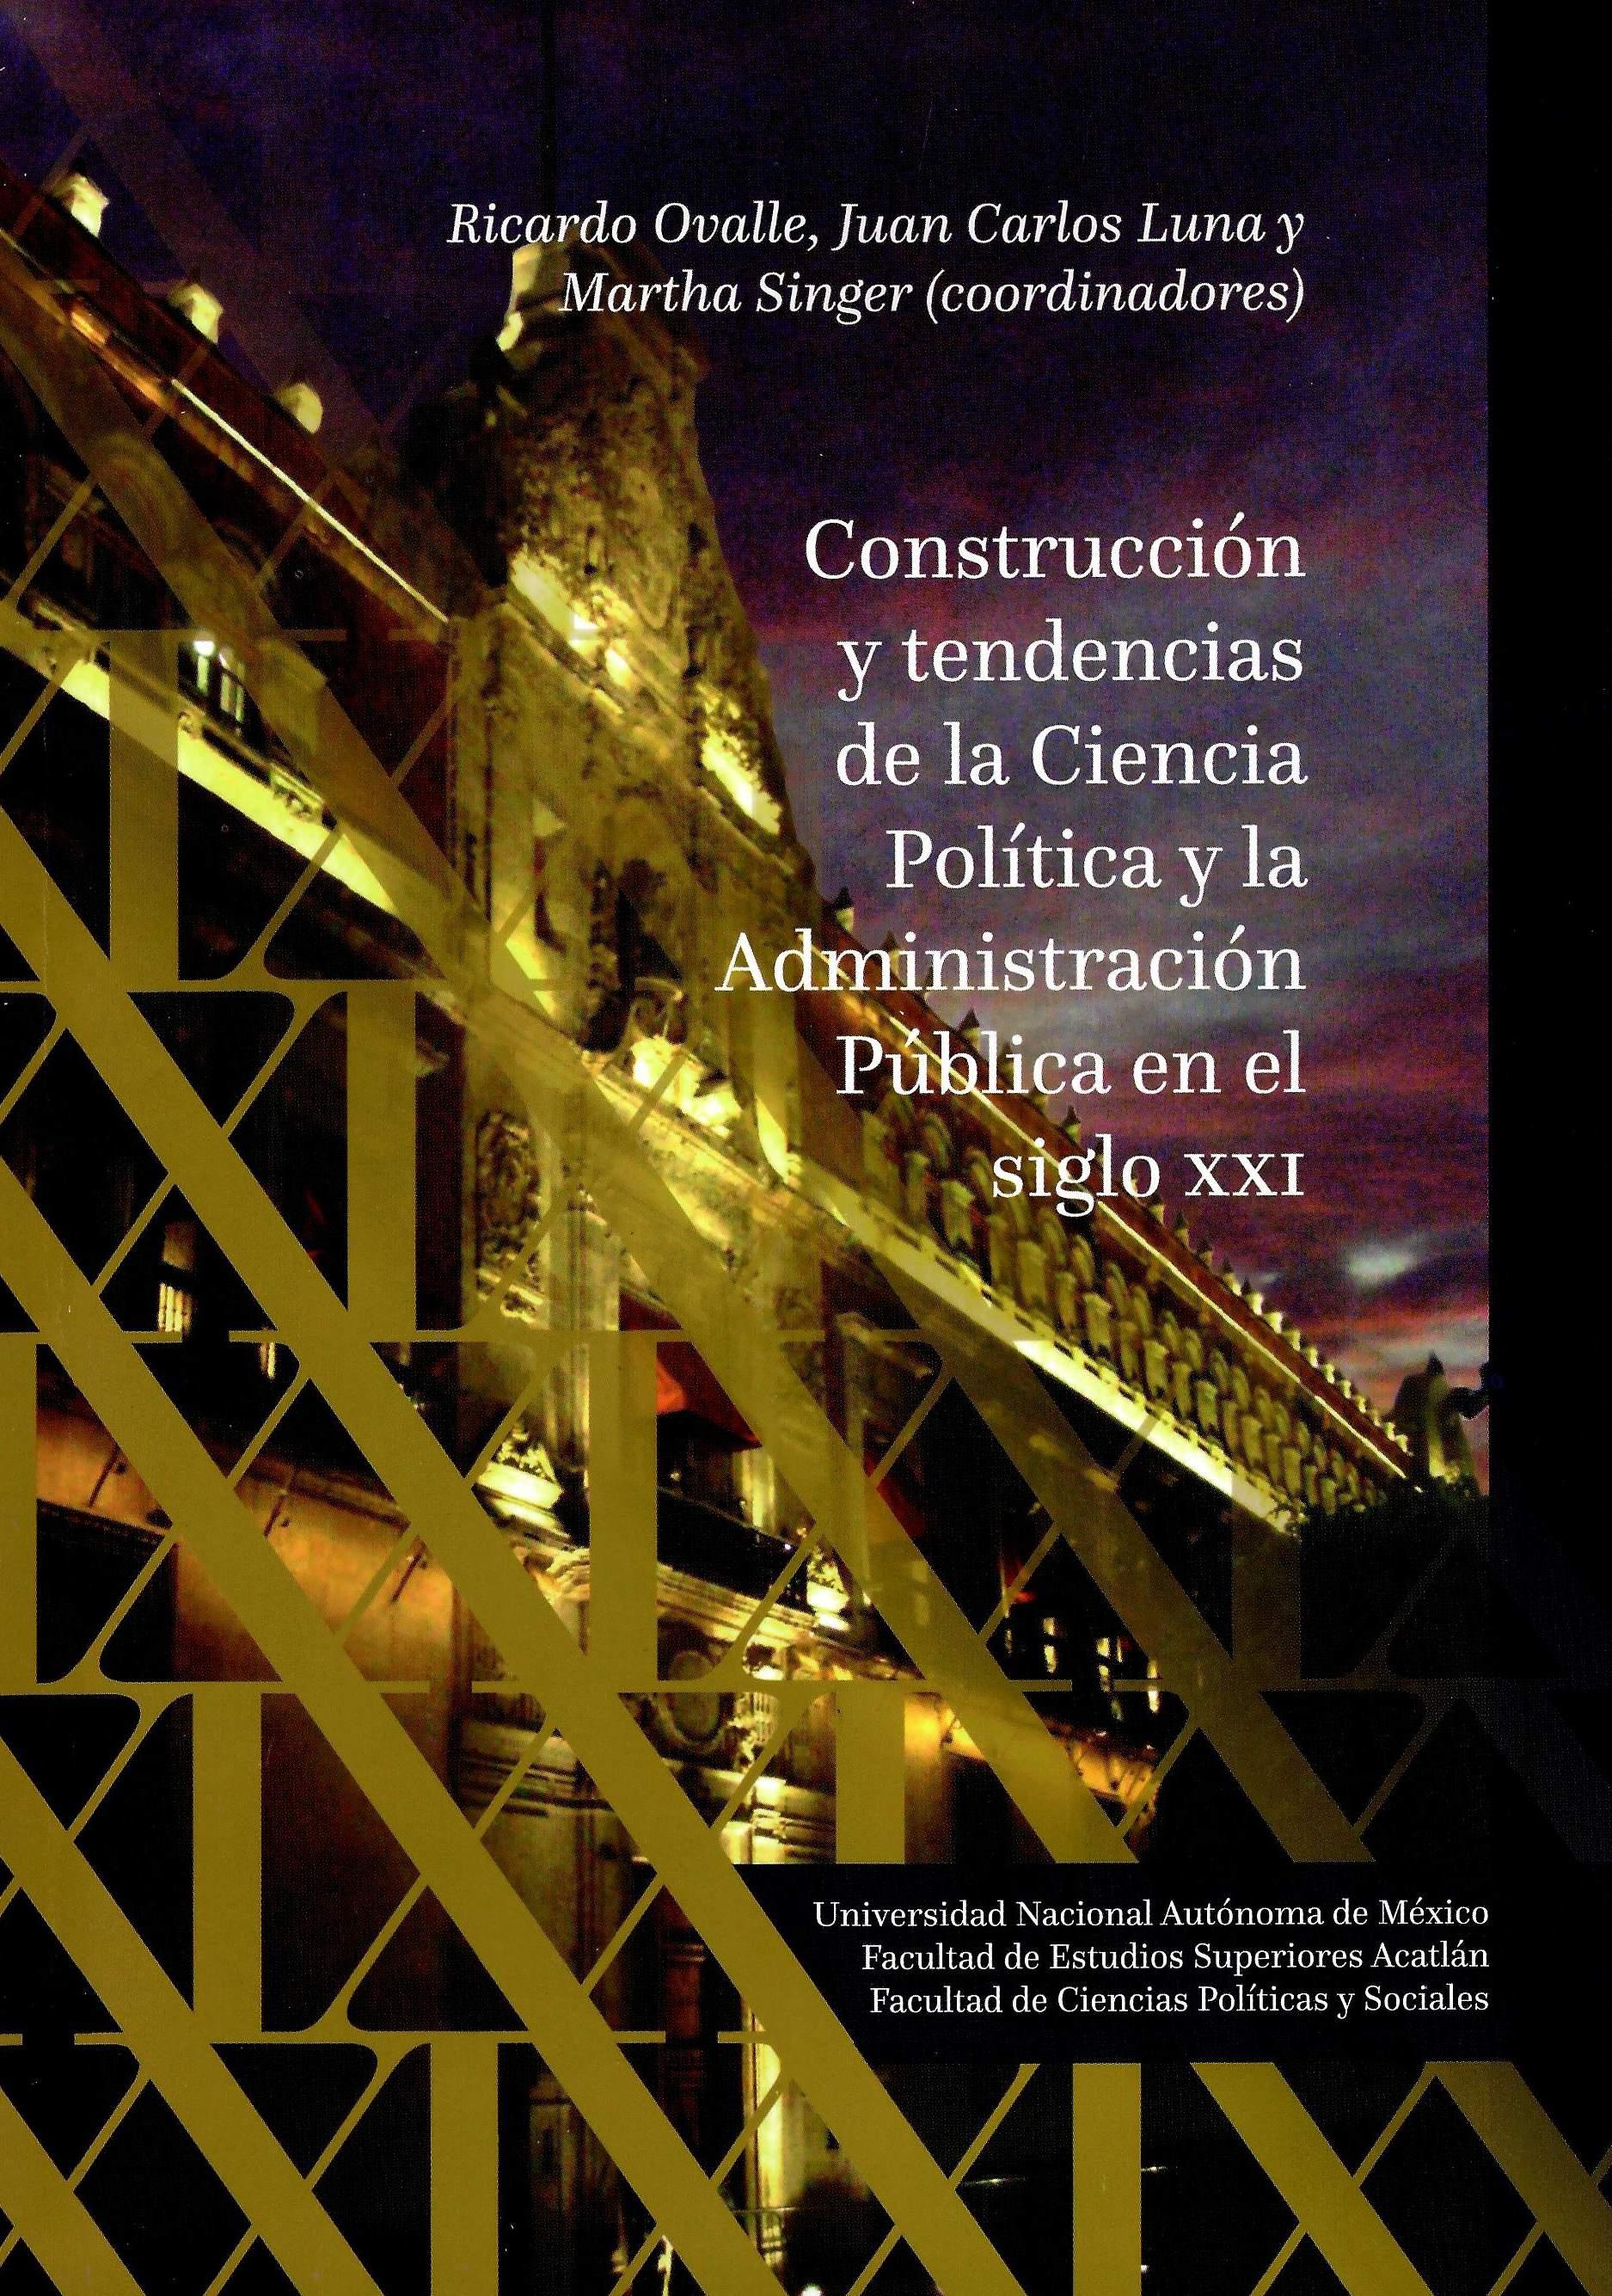 Construcción y tendencias de la Ciencia Política y la Administración Pública en el siglo XXI